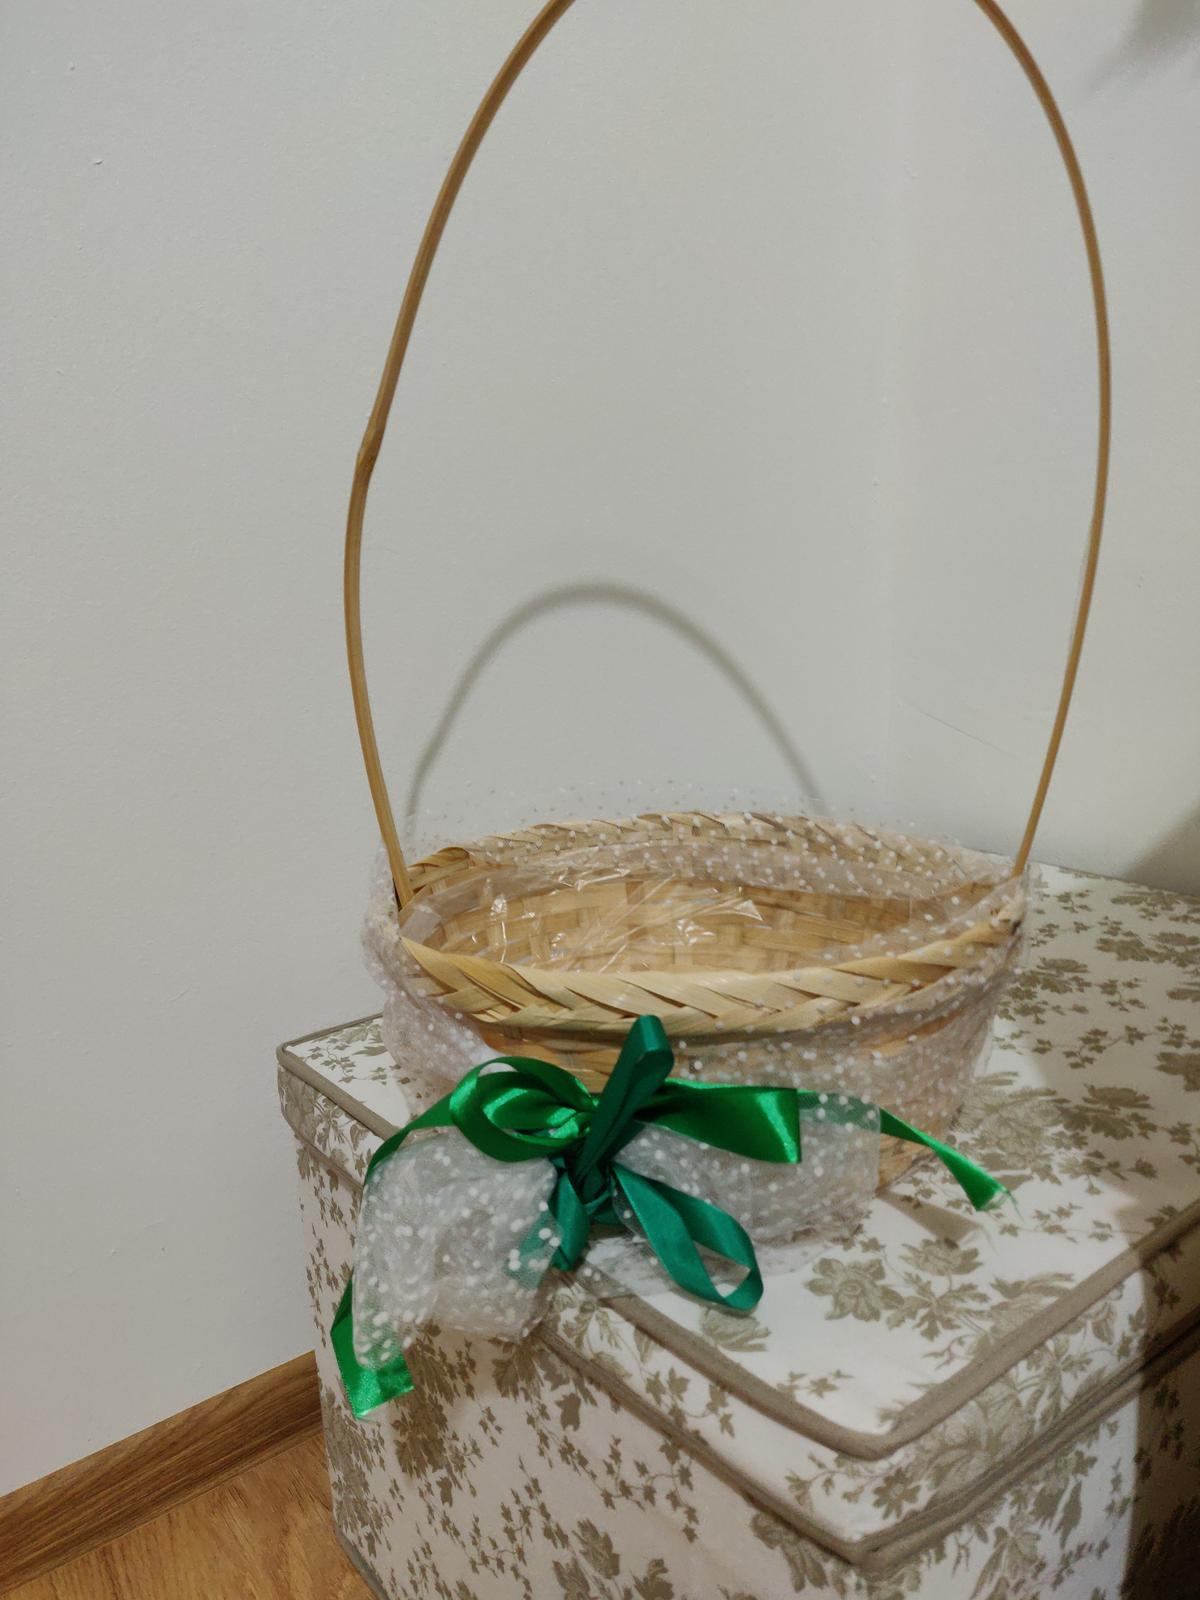 Kosicek na konfeti - skvele pro male druzicky - Obrázek č. 1